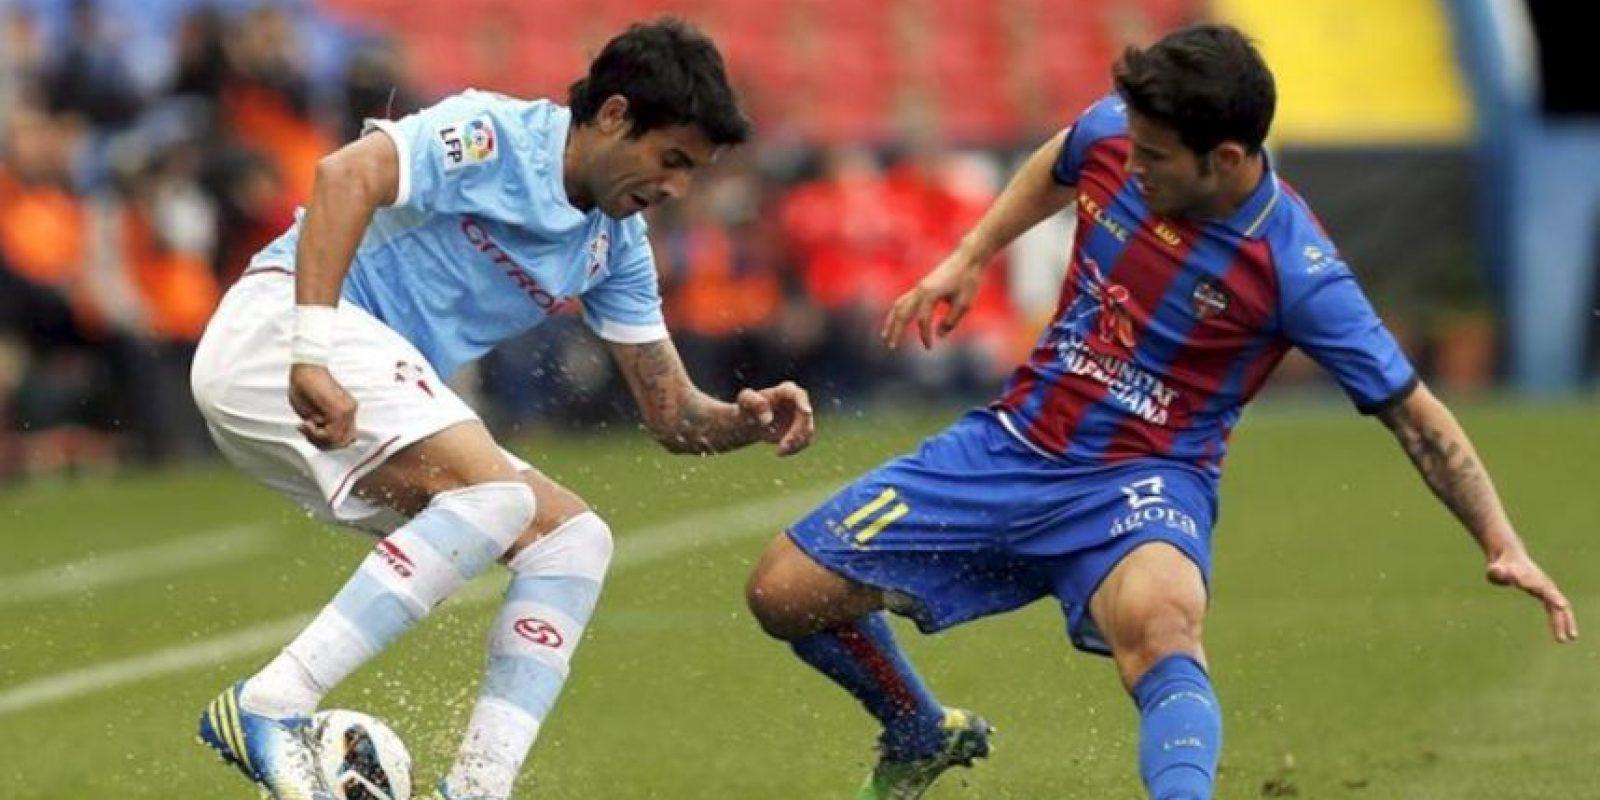 El centrocampista argentino del Celta Augusto Fernández (i) pelea un balón con el centrocampista del Levante Rubén García, durante el partido de la trigésima tercera jornada de liga en Primera División que se disputó en el estadio Ciutat de Valencia. EFE